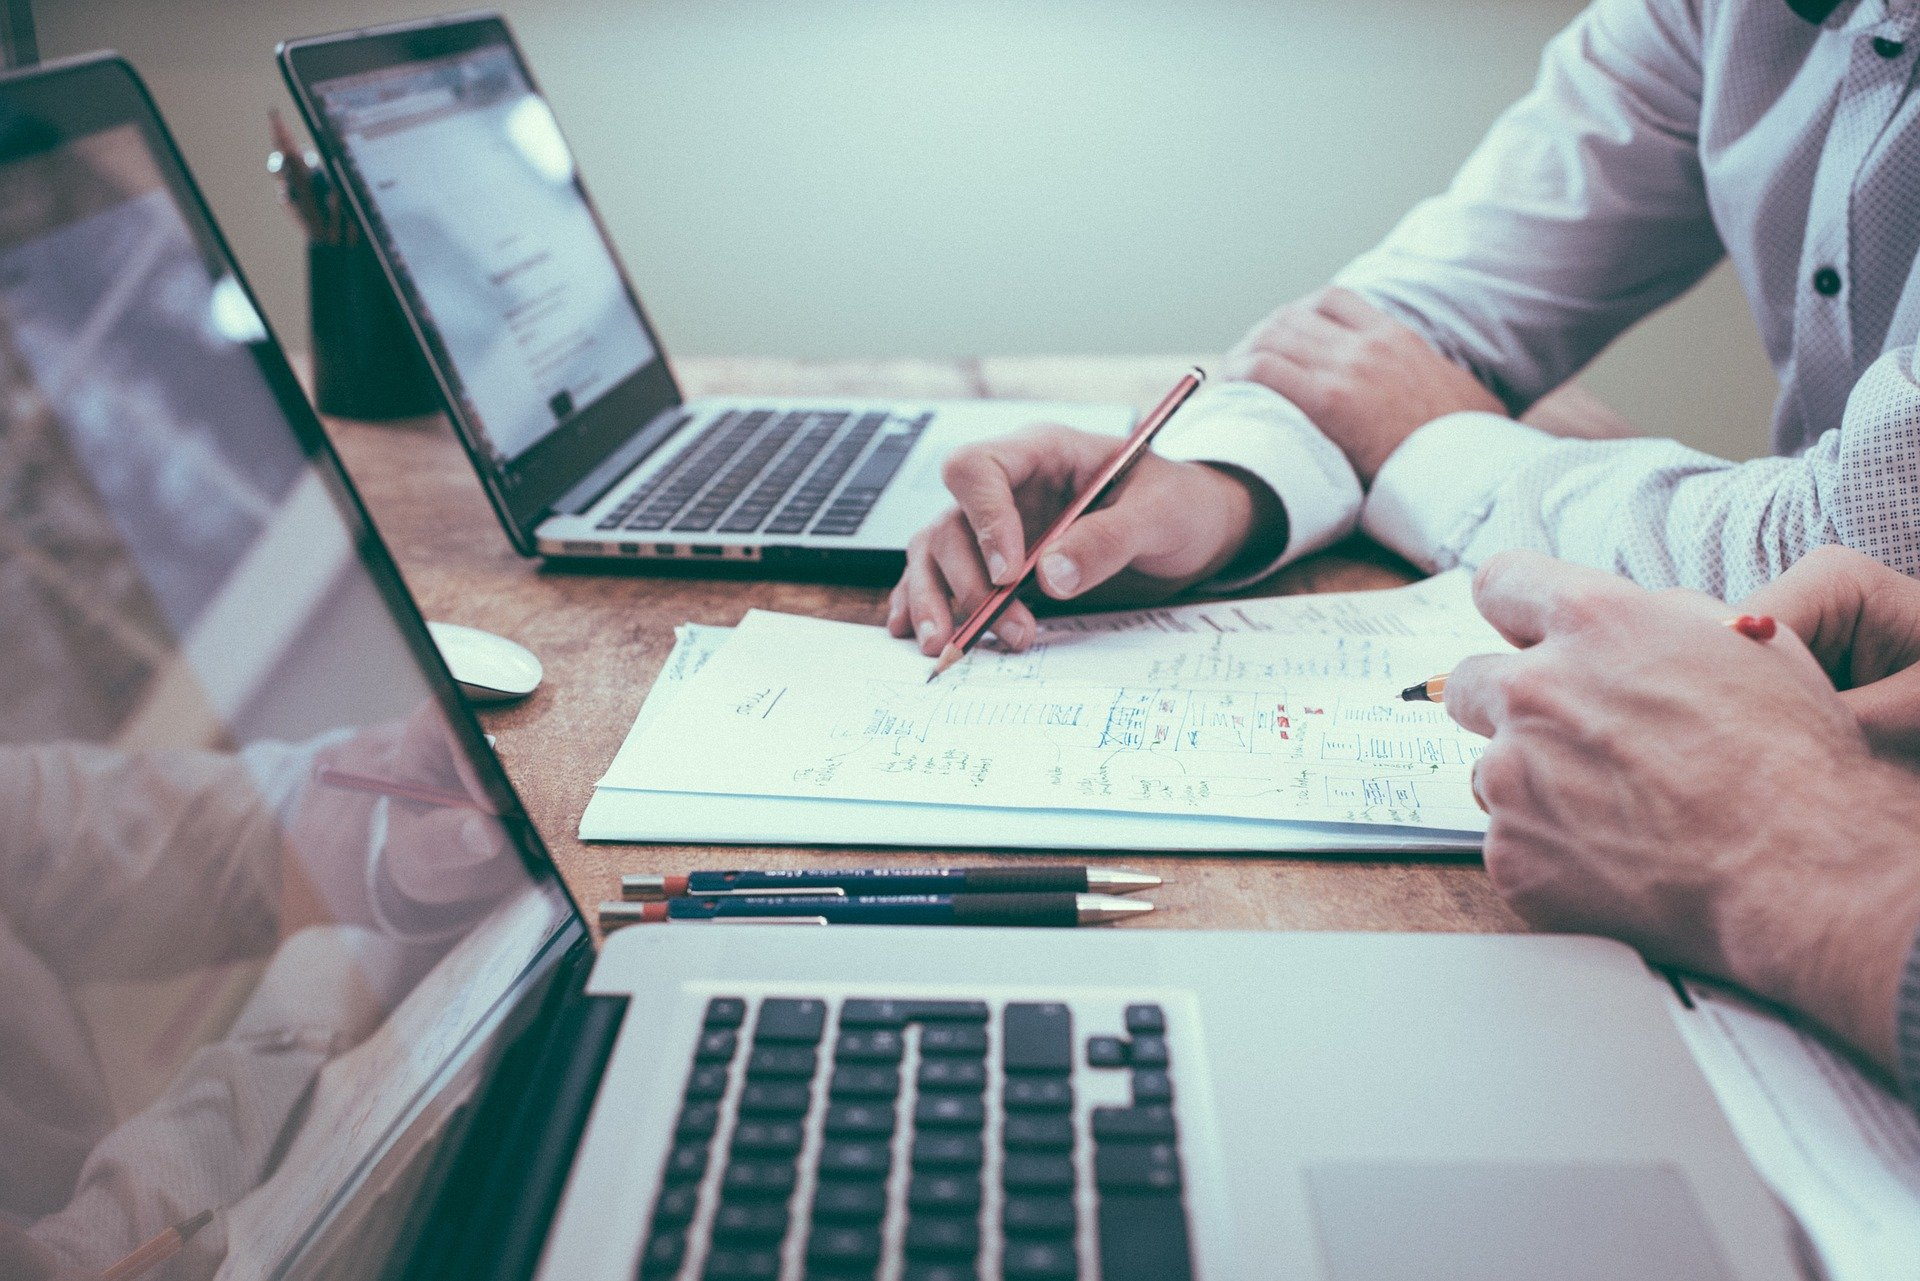 Imagem mostra pessoas trabalhando em seus notebooks com folhas de papel ao lado.